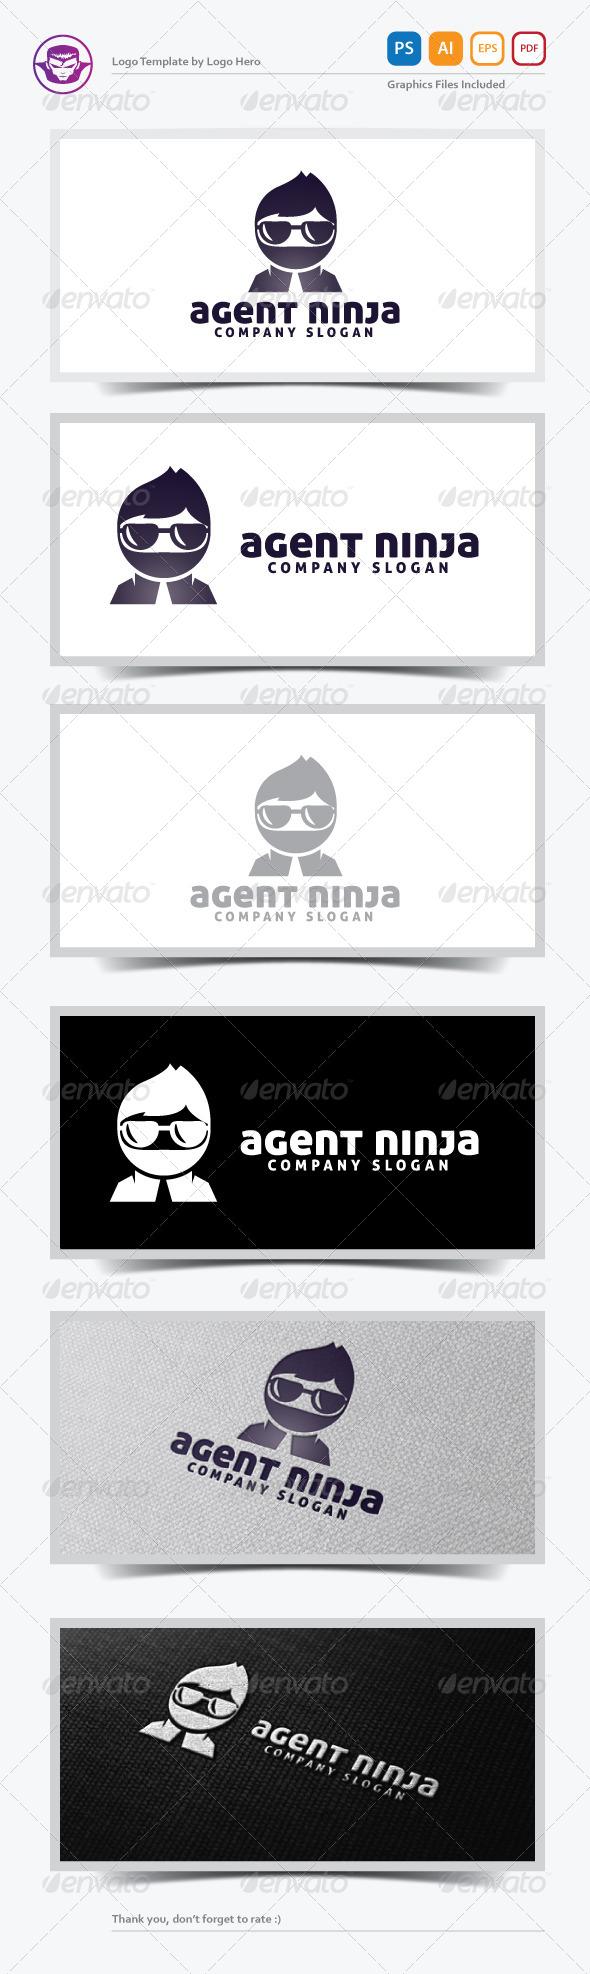 GraphicRiver Agent Ninja Logo Template 5330138